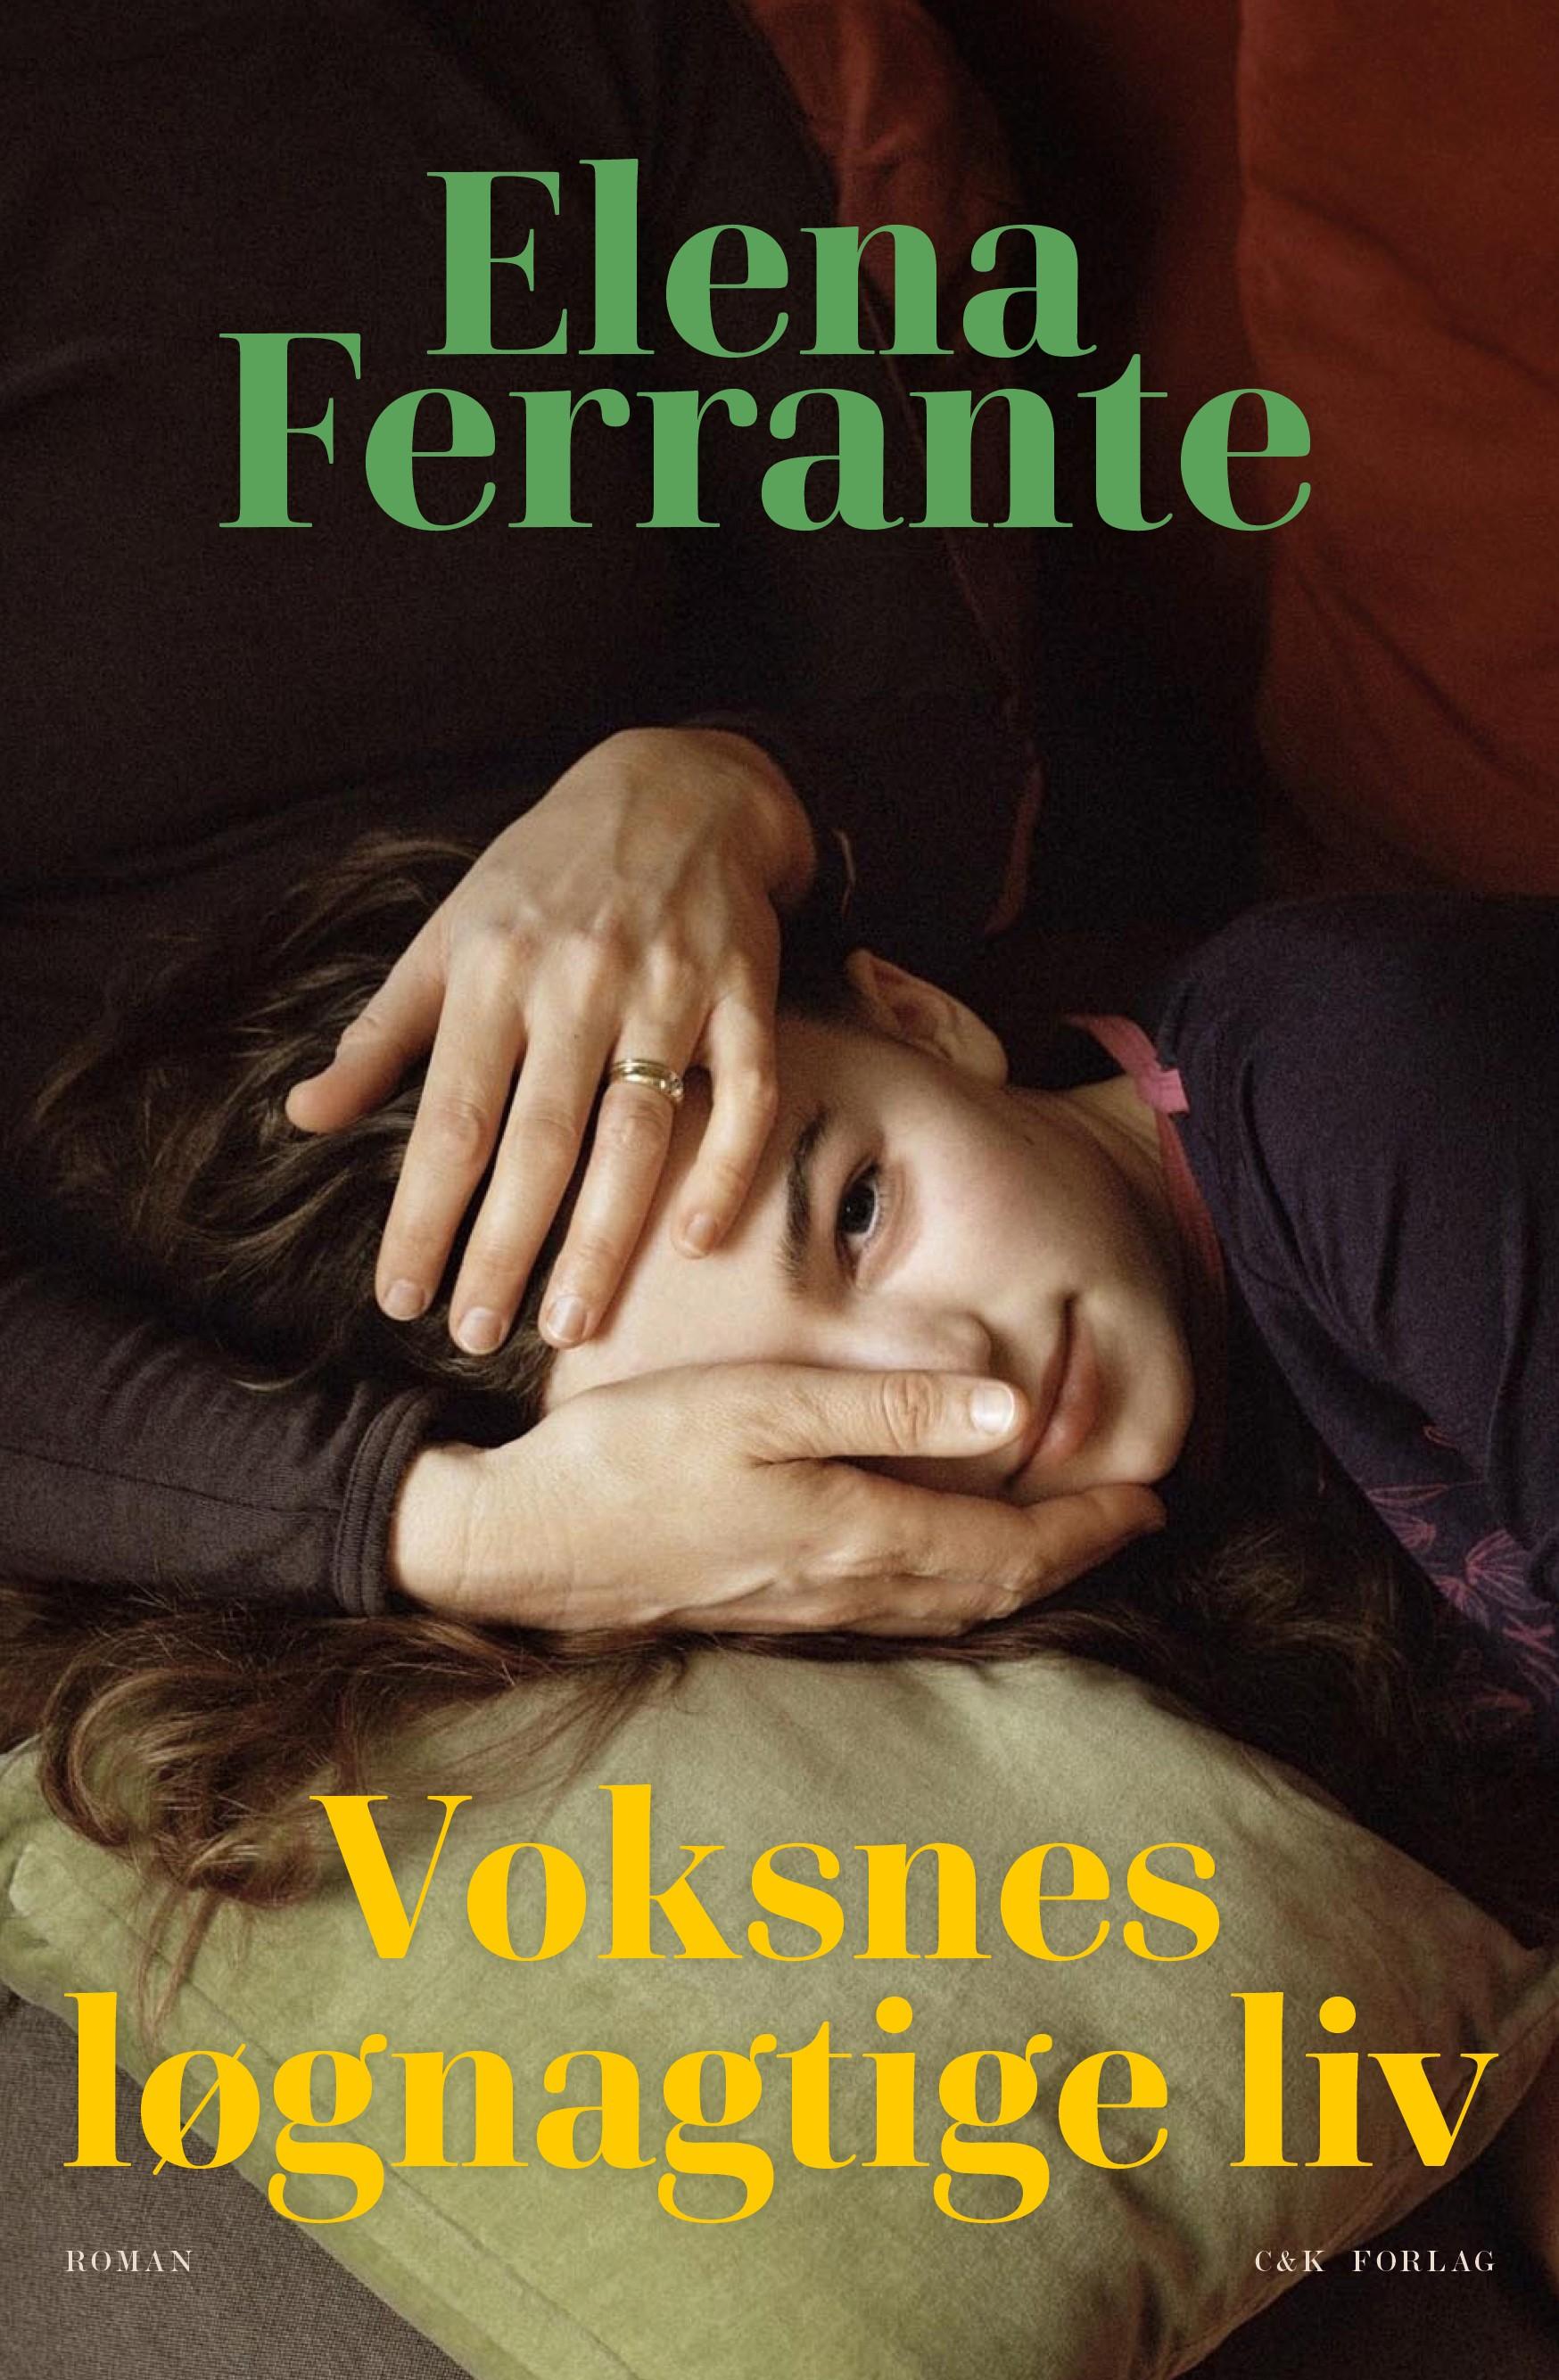 Voksnes løgnagtige liv - Elena Ferrante - Bøger - C & K - 9788740060683 - 1/9-2020